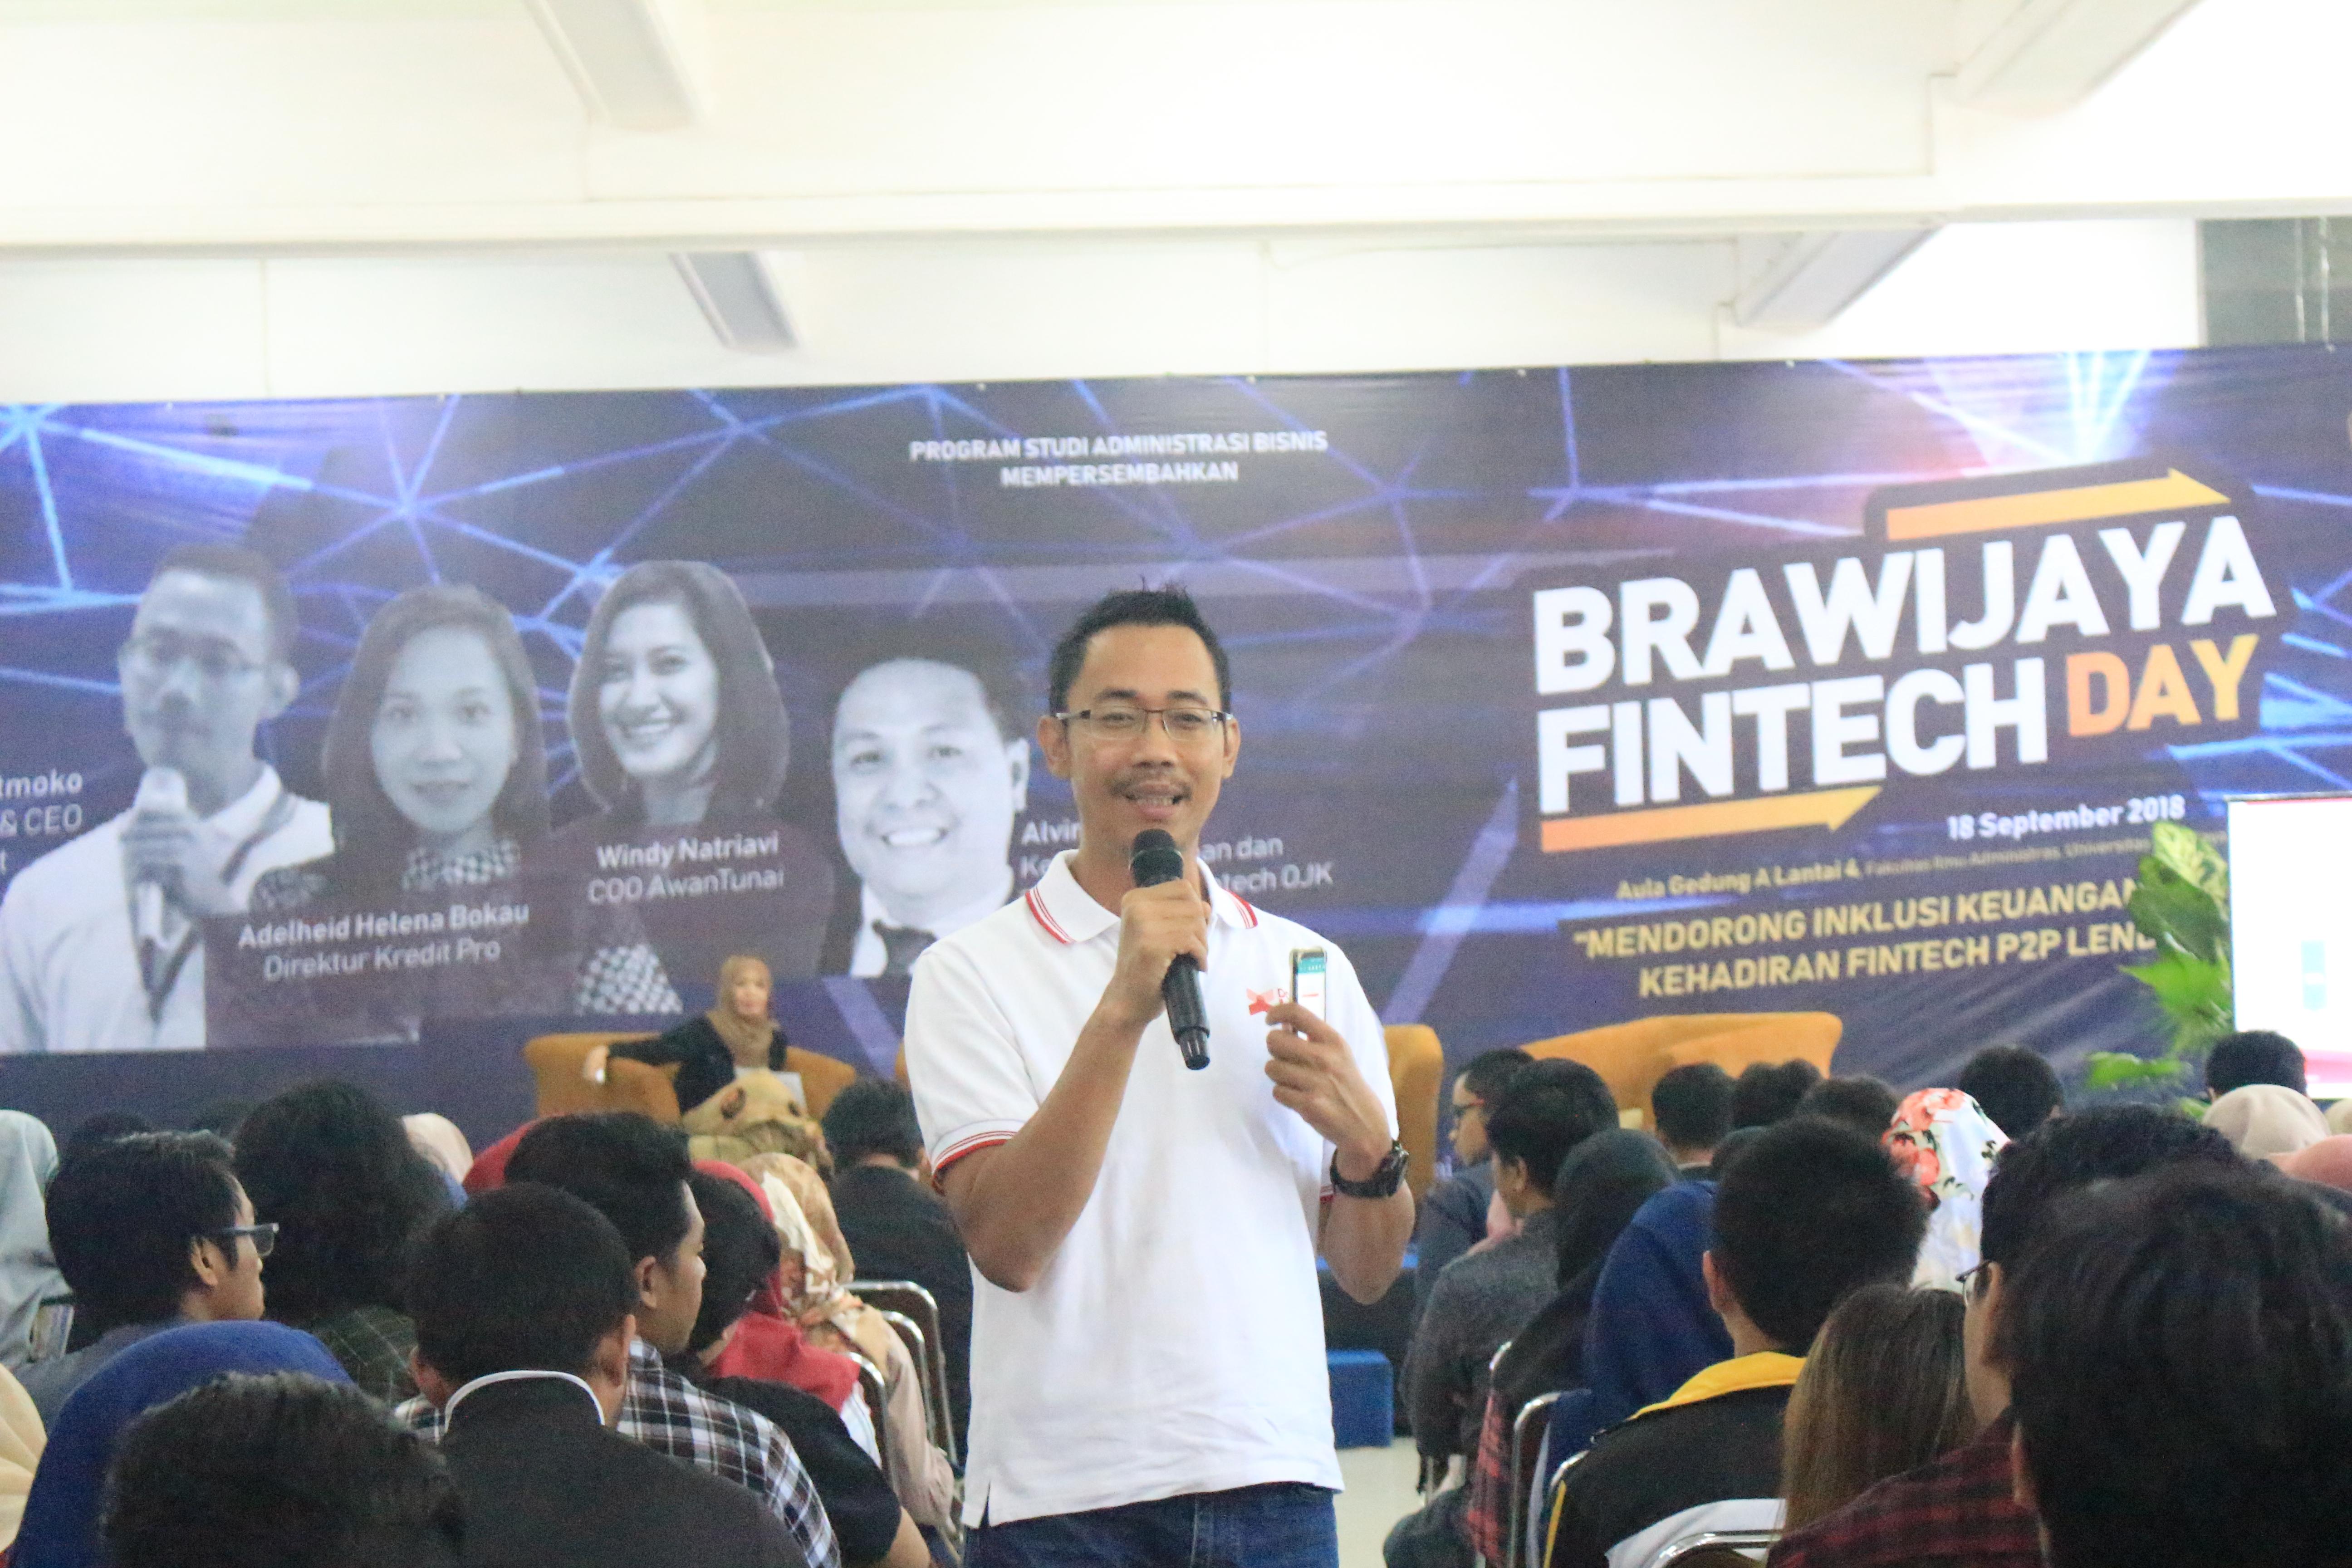 Kenalkan Inklusi Keuangan Berbasis Teknologi Dalam Brawijaya Fintech Day